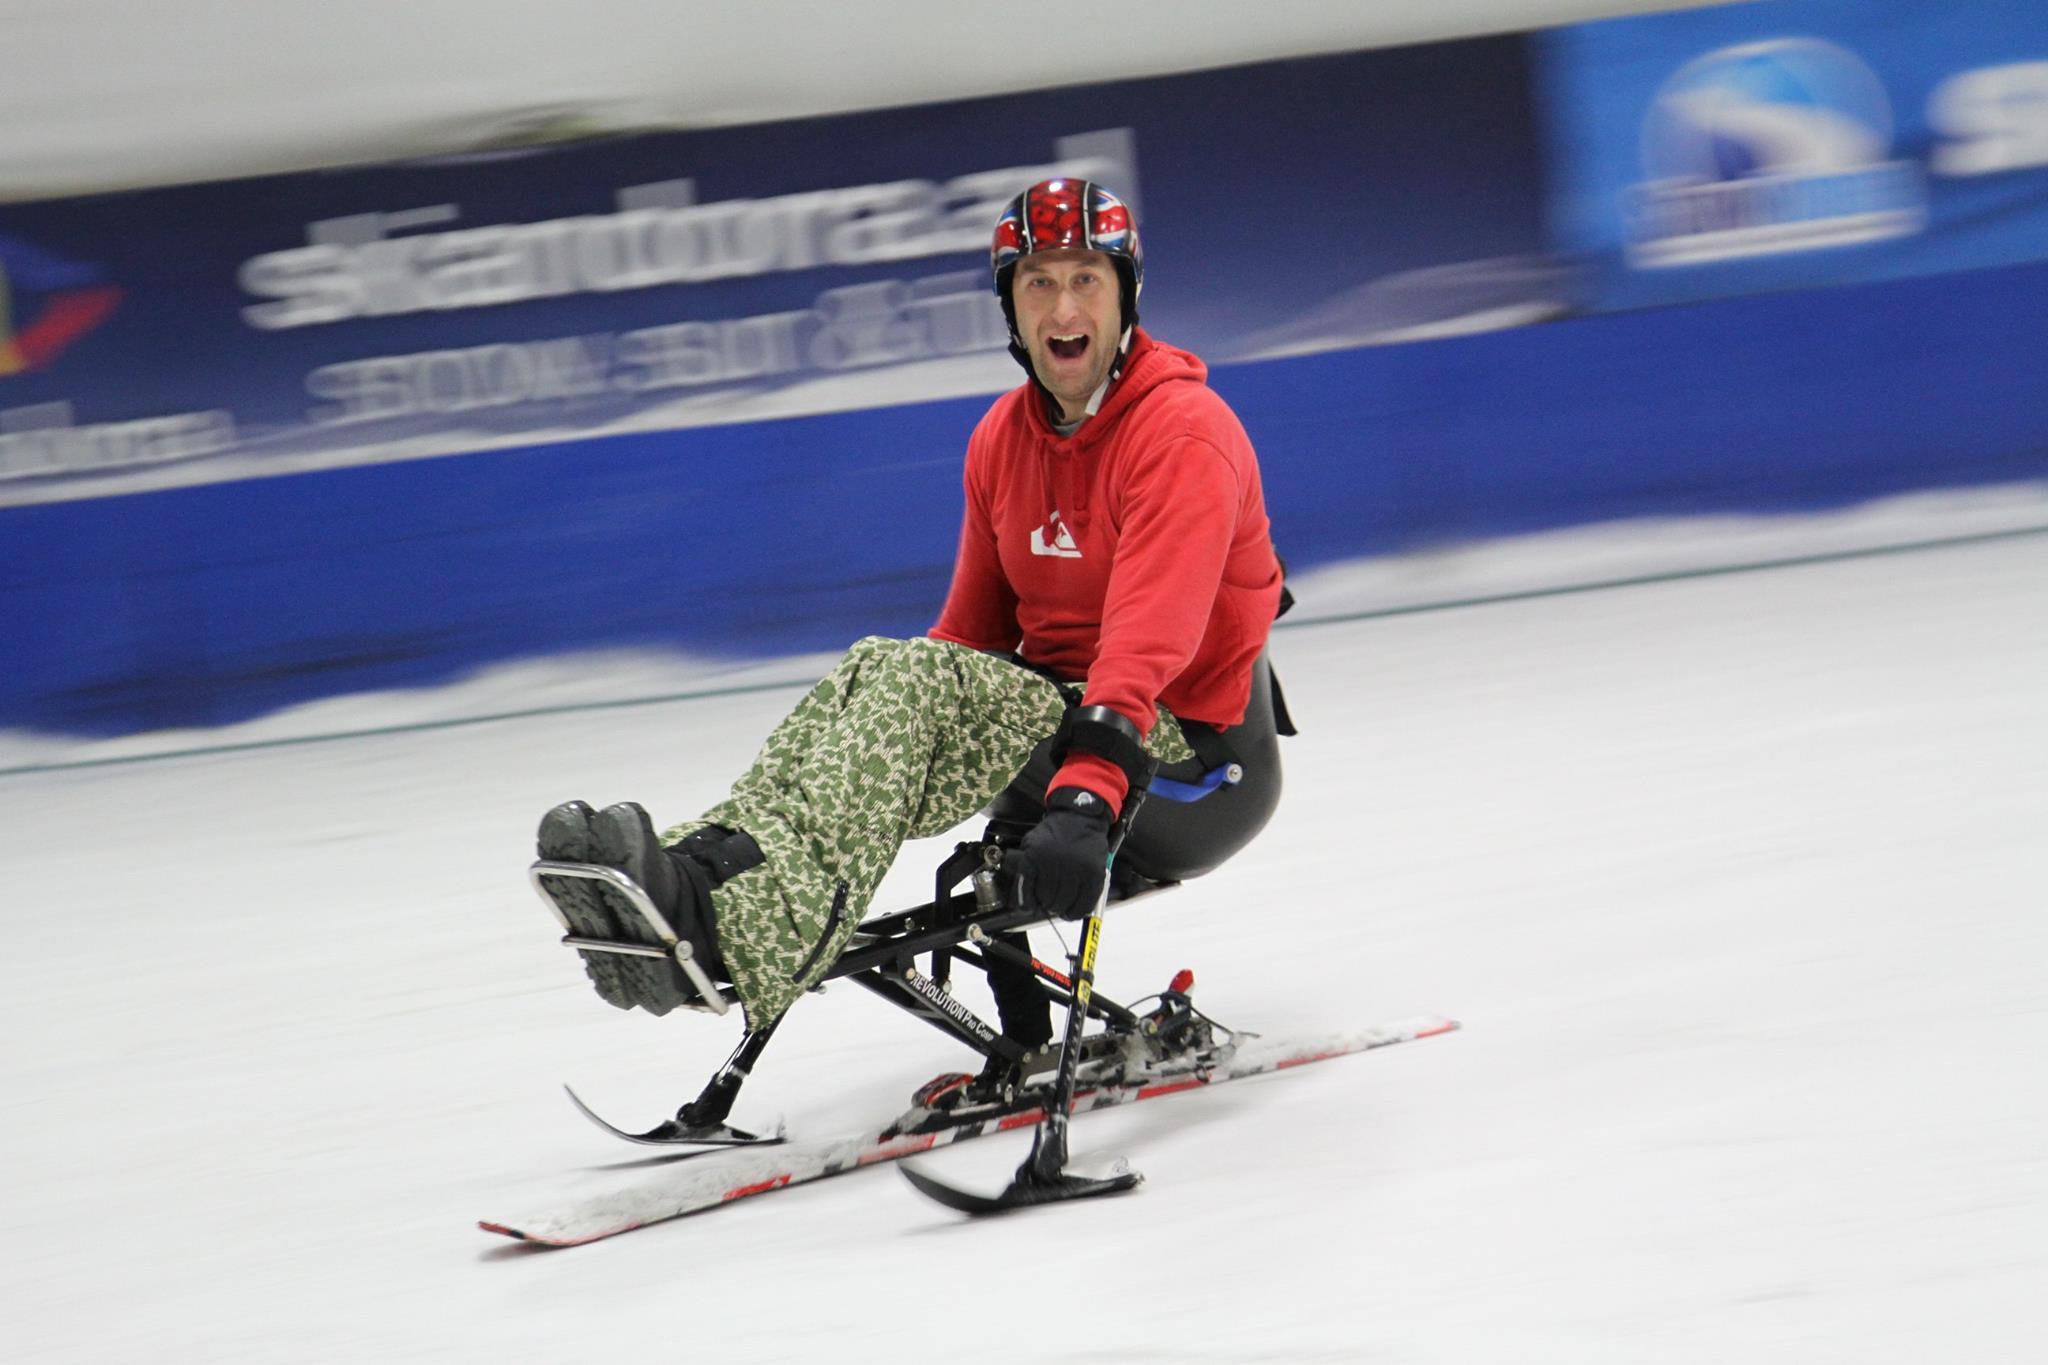 New Initiative from DSUK & Crystal Aims To #Ski2Paralympics